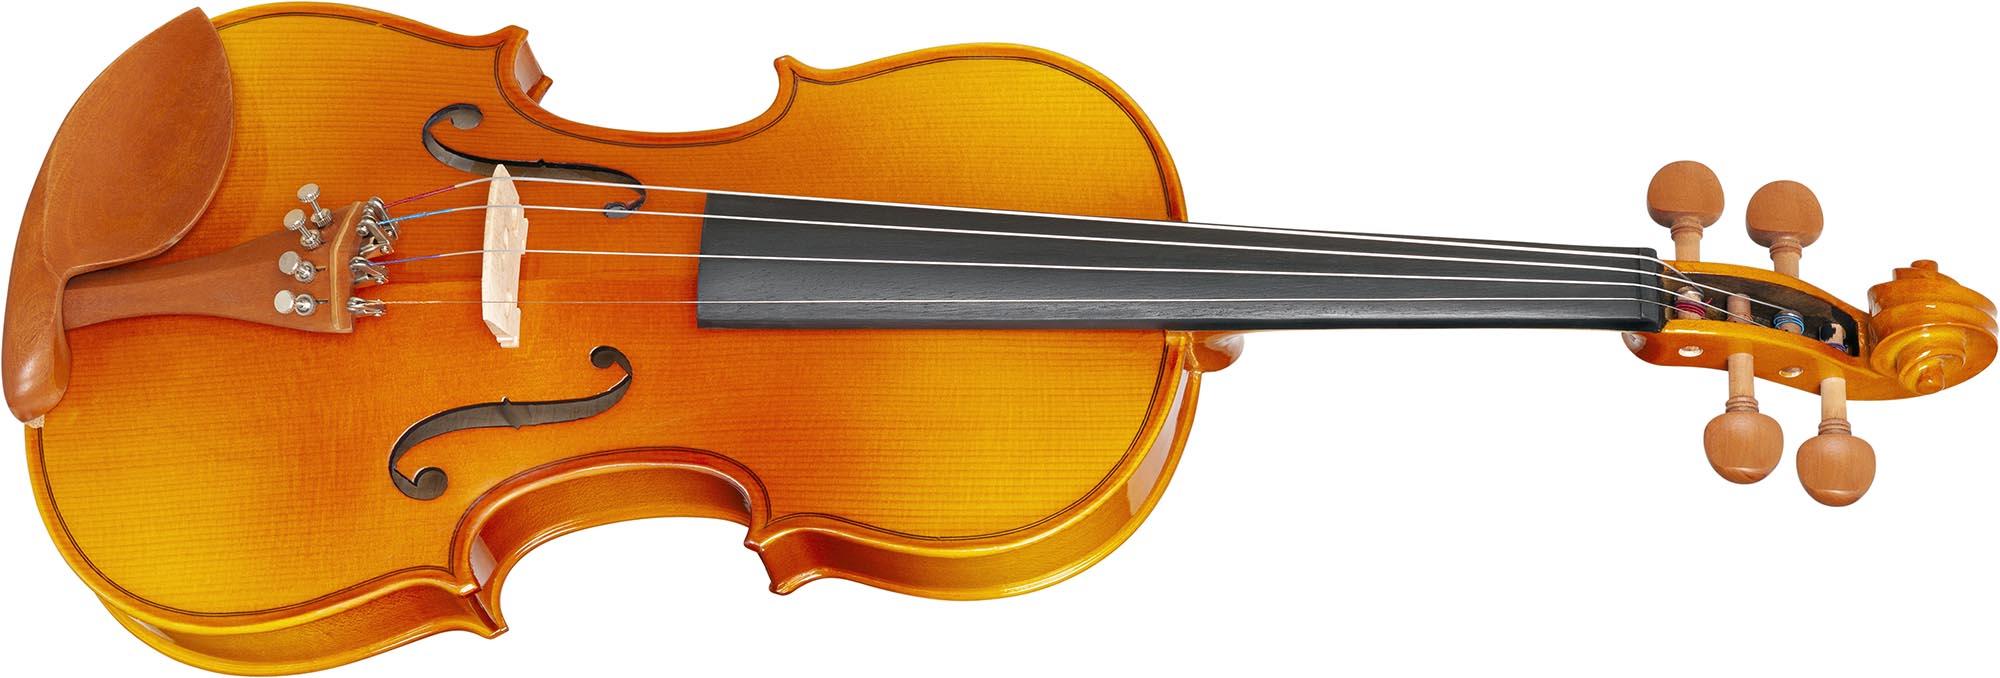 ve442 violino eagle ve442 visao frontal